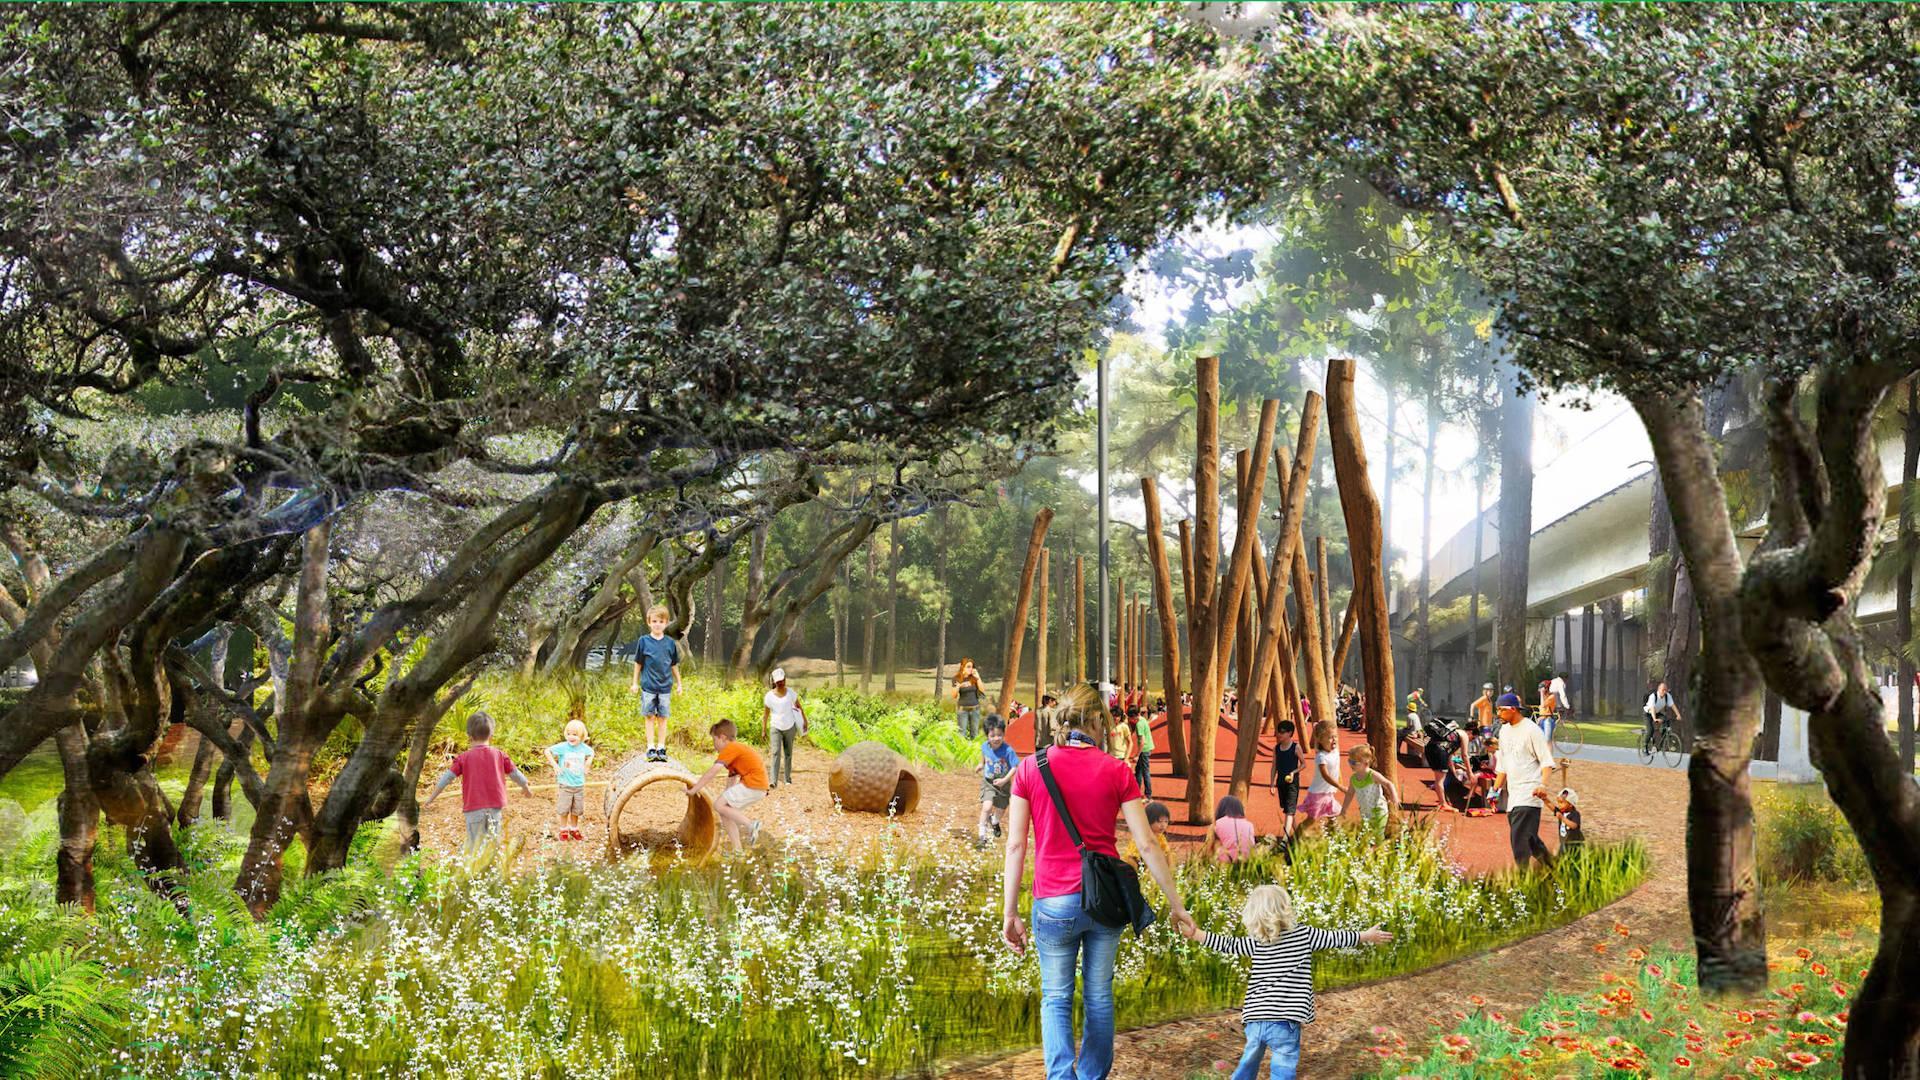 Miami tendrá su nuevo parque Underline, al mejor estilo del High Line de NY - 2